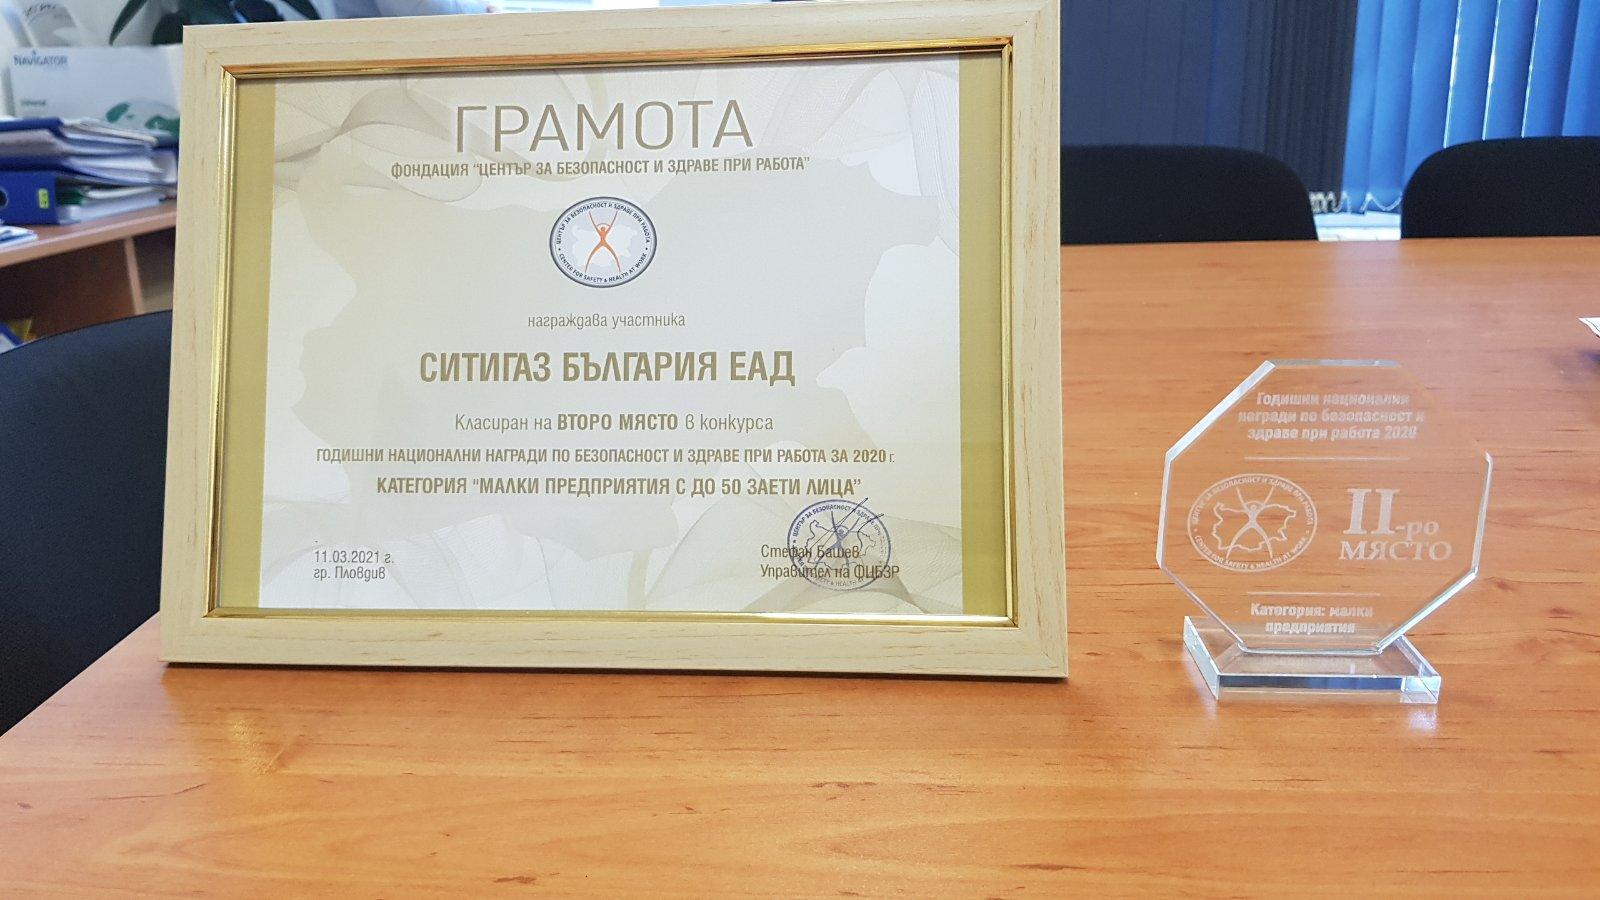 CONTRASTO AL COVID: IN BULGARIA UN PREMIO AL GRUPPO SGR PER LA SUA ATTIVITA' DI TUTELA DEI LAVORATORI